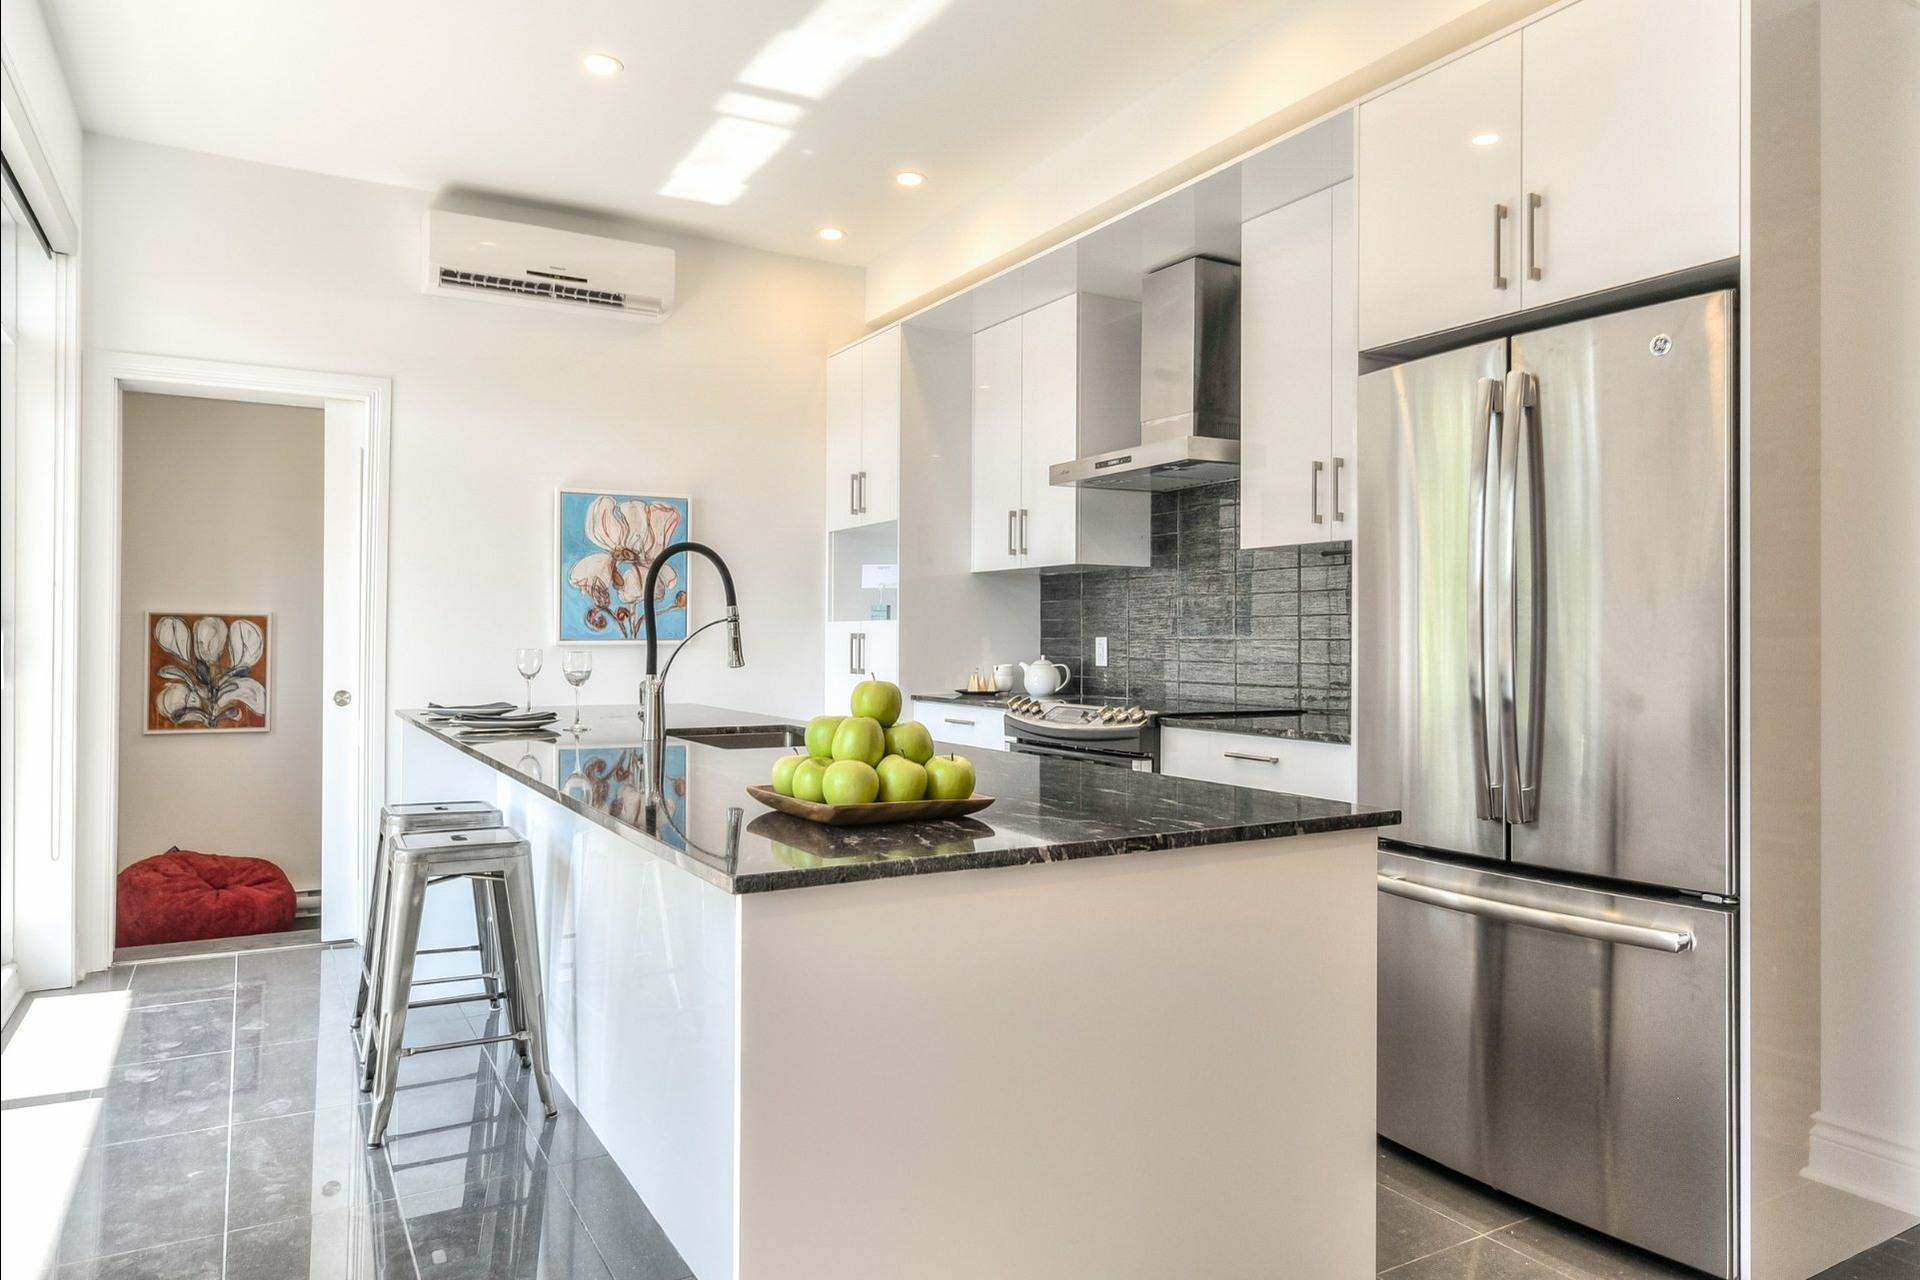 image 5 - Apartment For rent Le Plateau-Mont-Royal Montréal  - 6 rooms